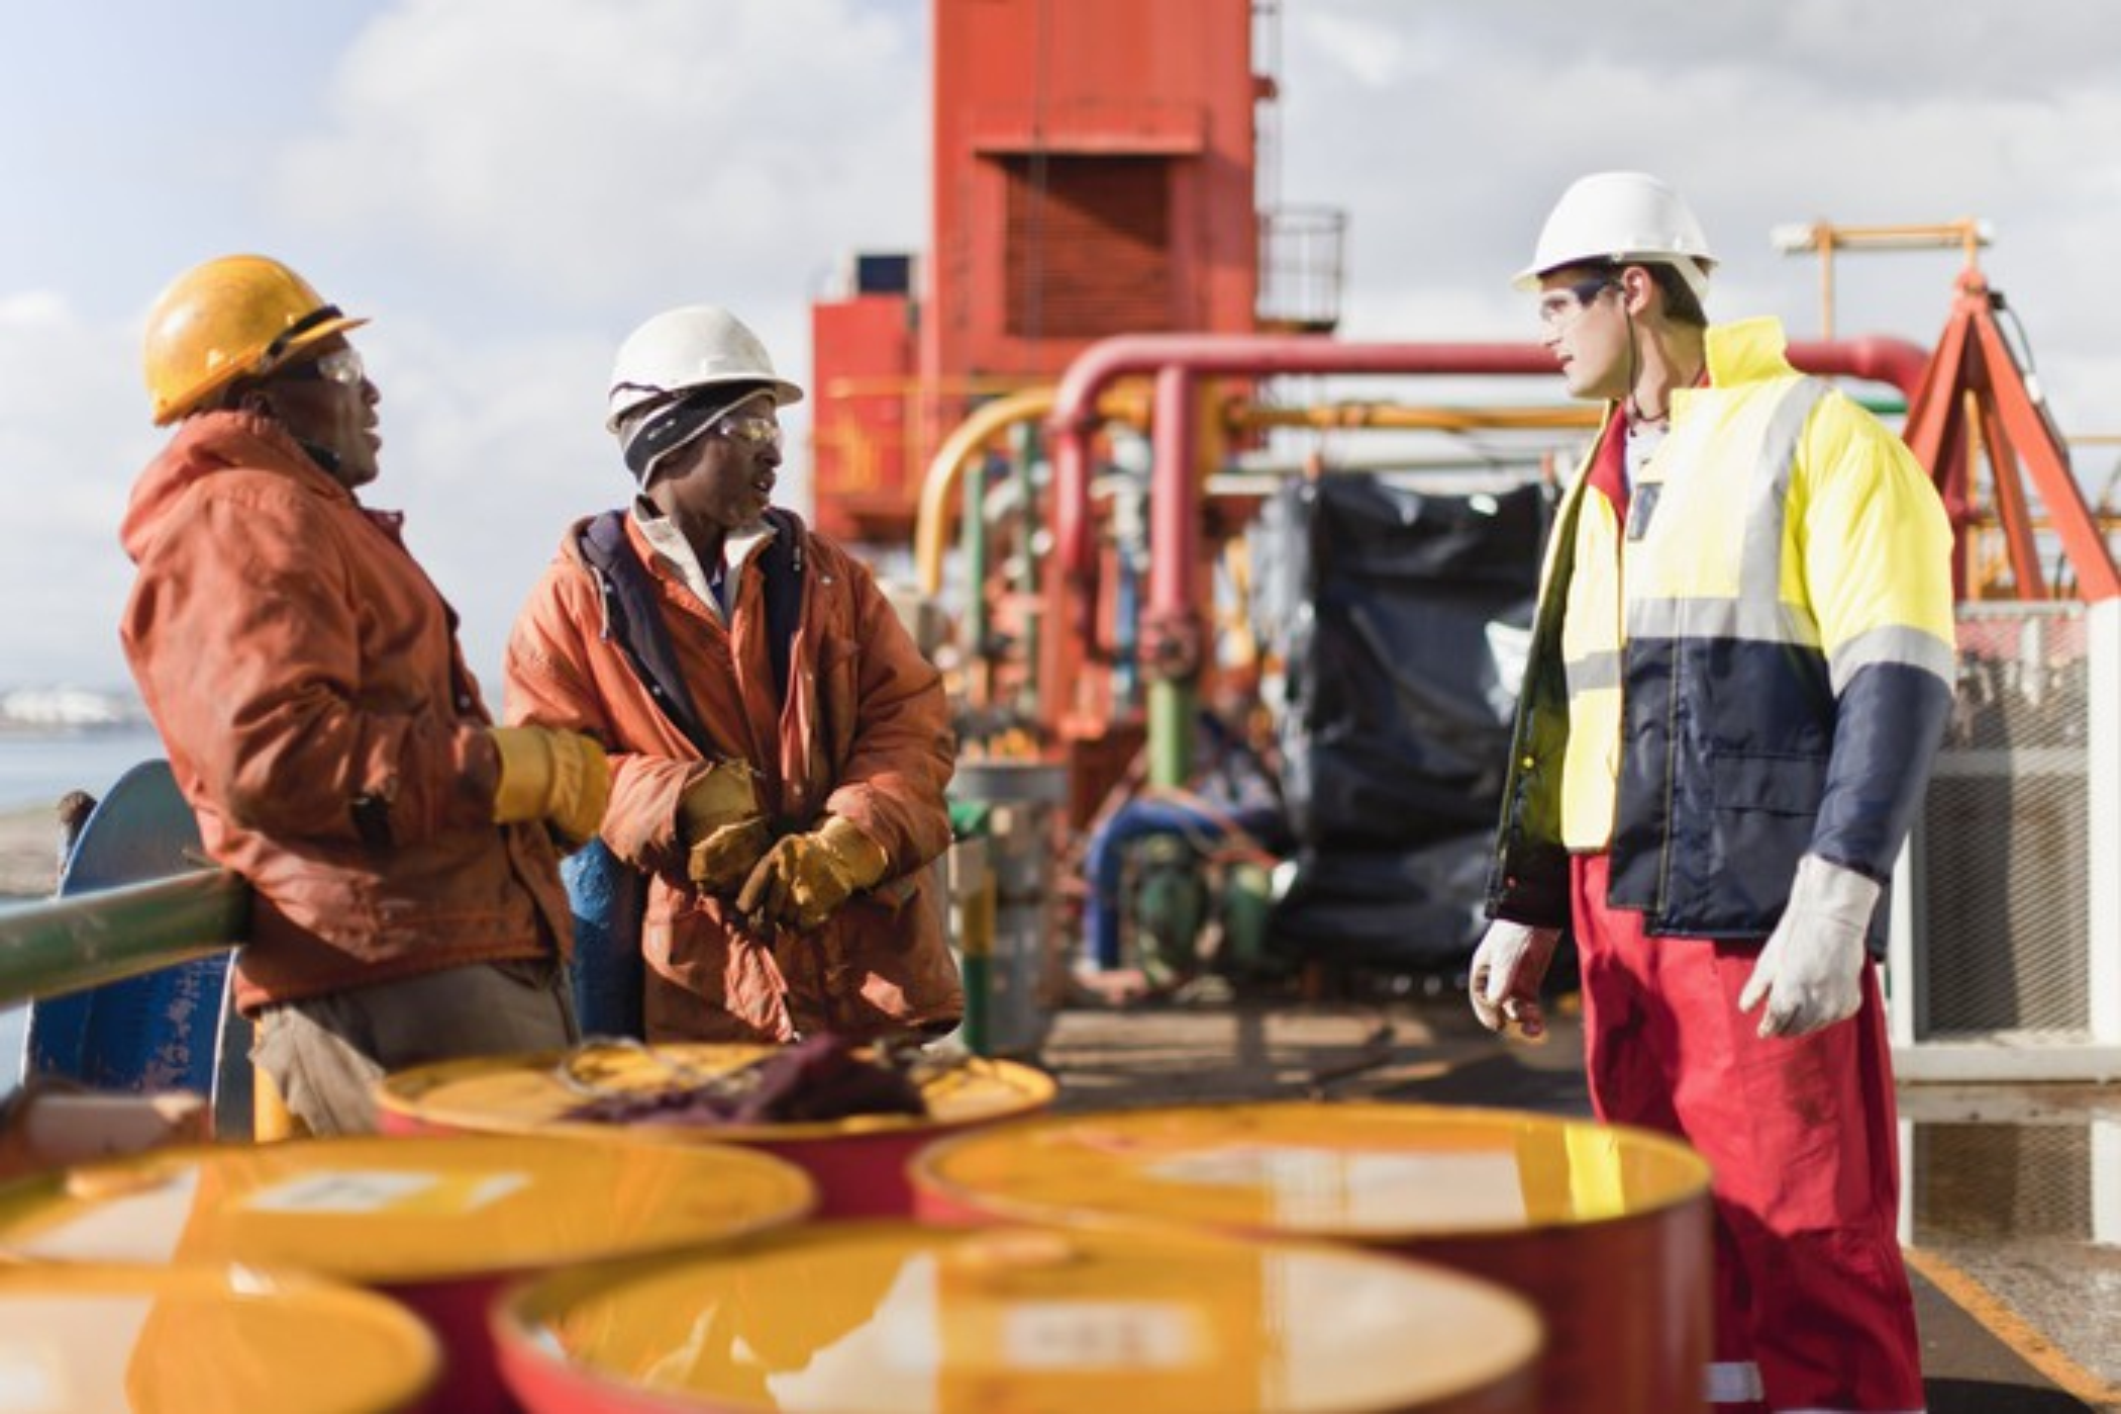 Man talking in front of oil barrels